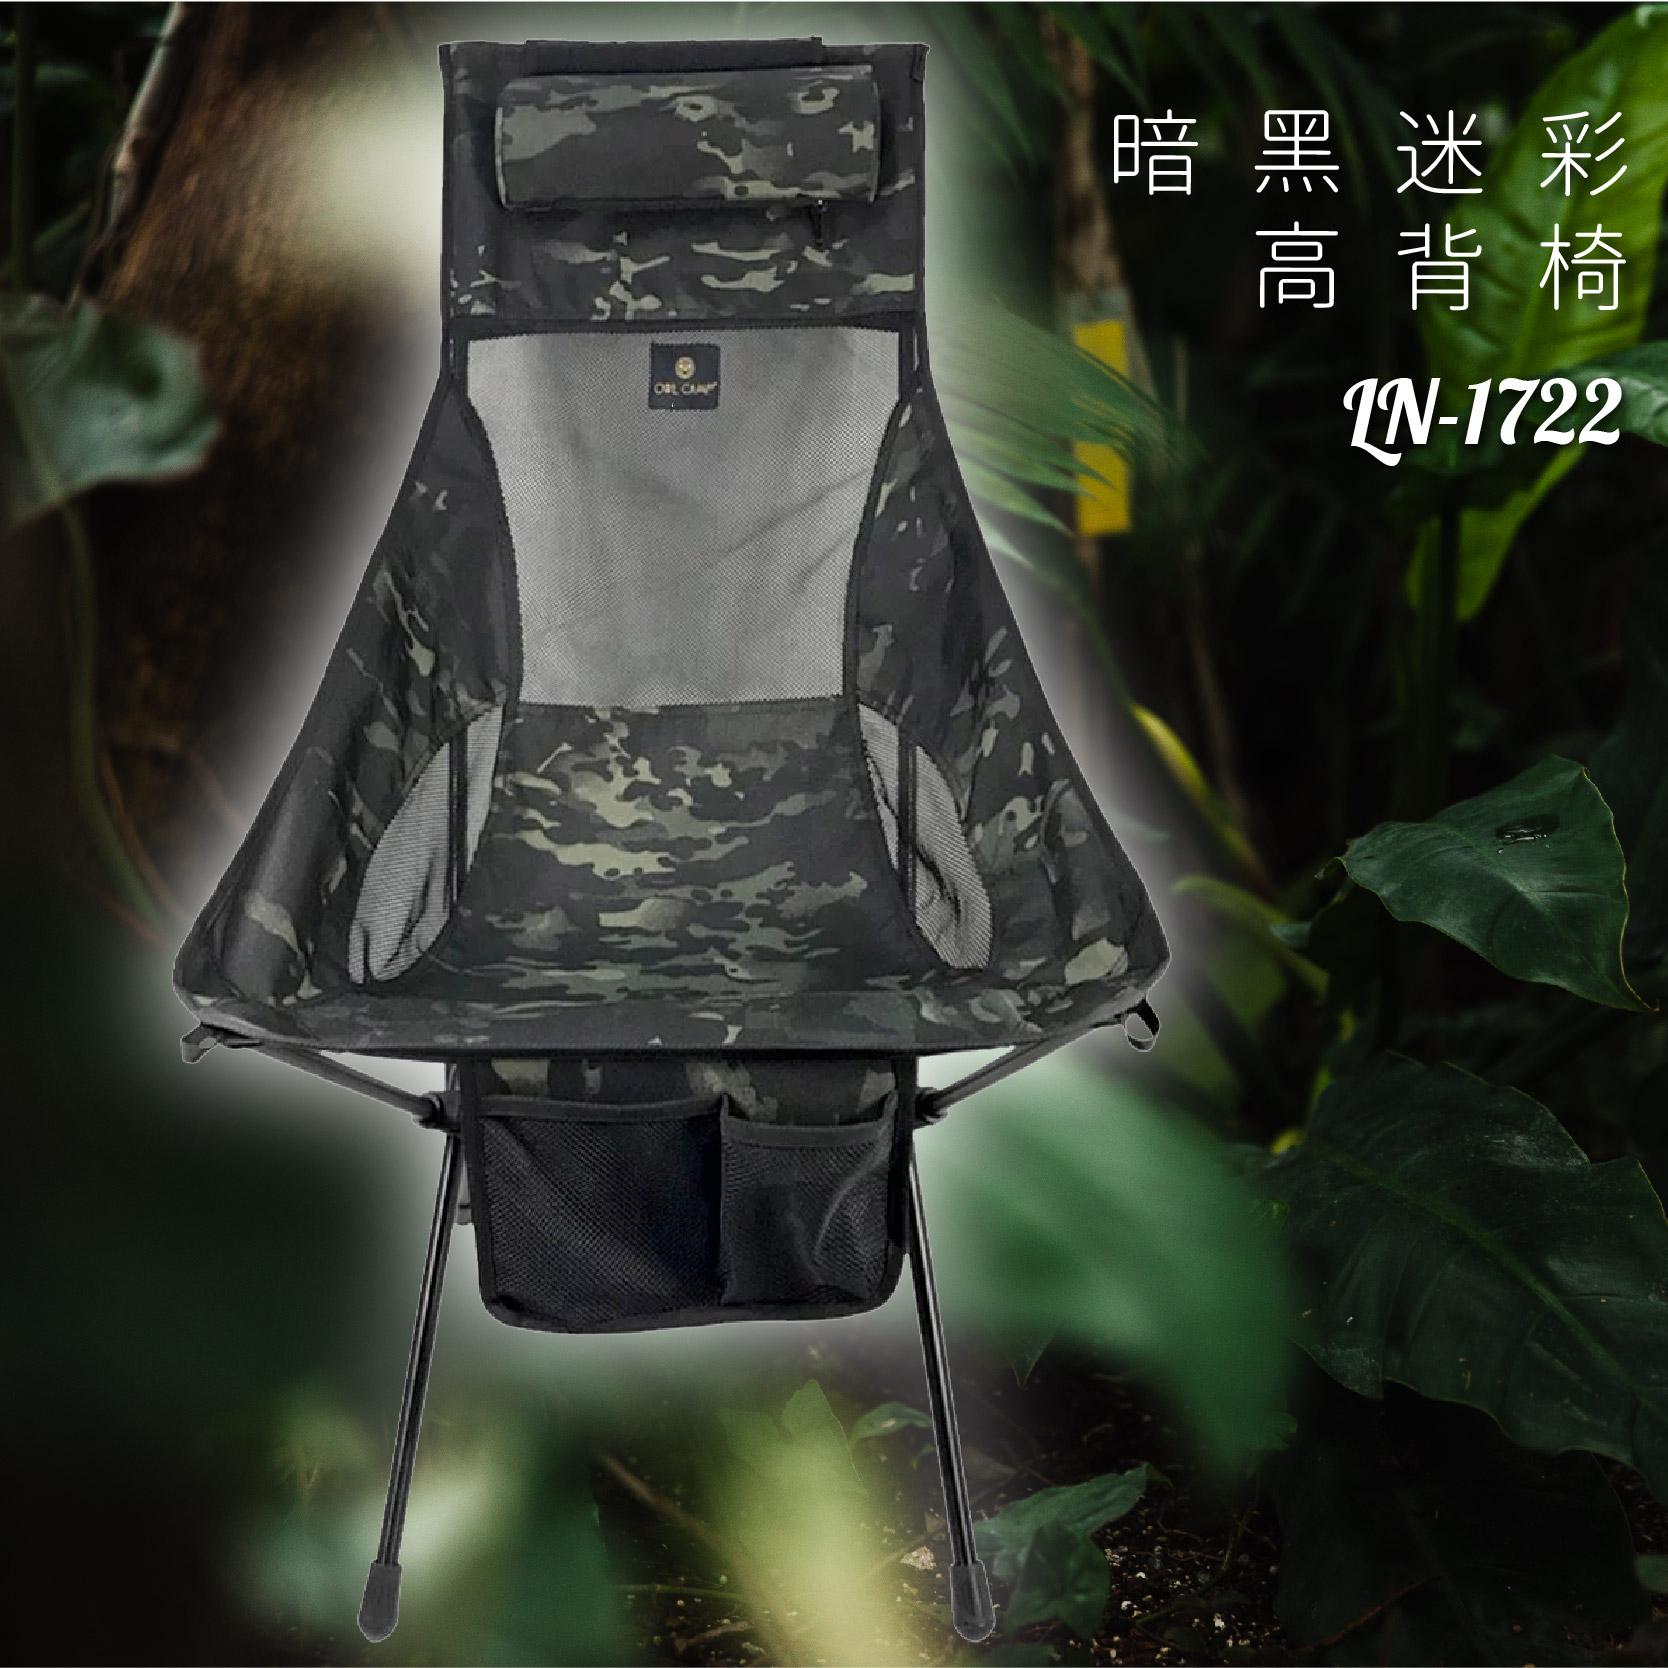 好想去旅行!高背椅 LN-1722 暗黑迷彩 露營椅 摺疊椅 收納椅 沙灘椅 輕巧 時尚 旅行 假期 鋁合金 機能布